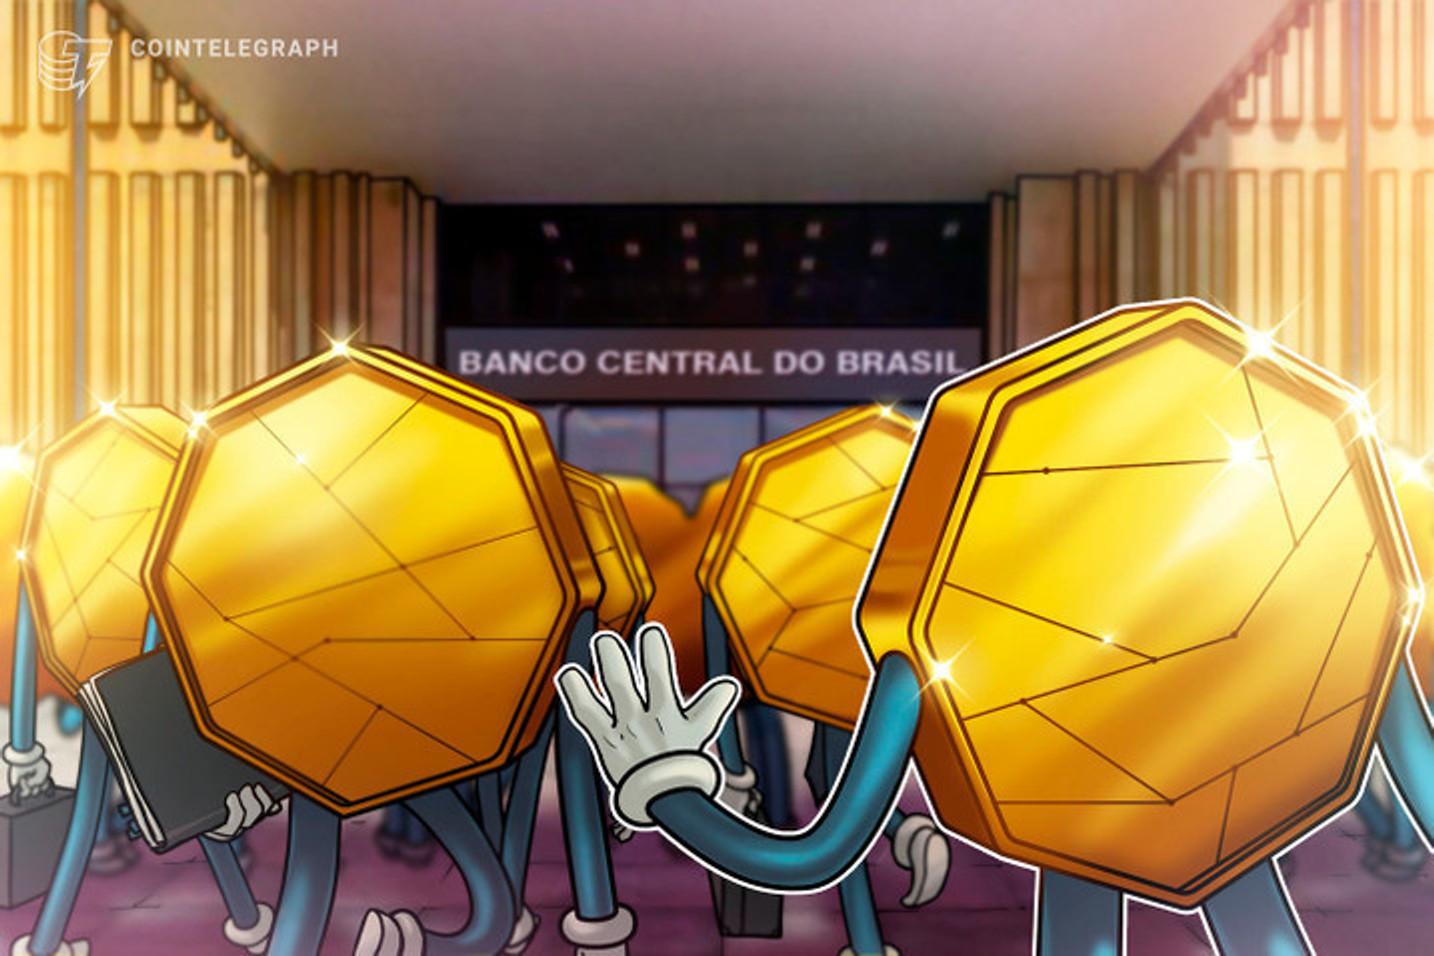 """Sem pressa para moeda digital, Banco Central vai garantir dinheiro físico """"sempre que houver demanda"""", diz diretor"""